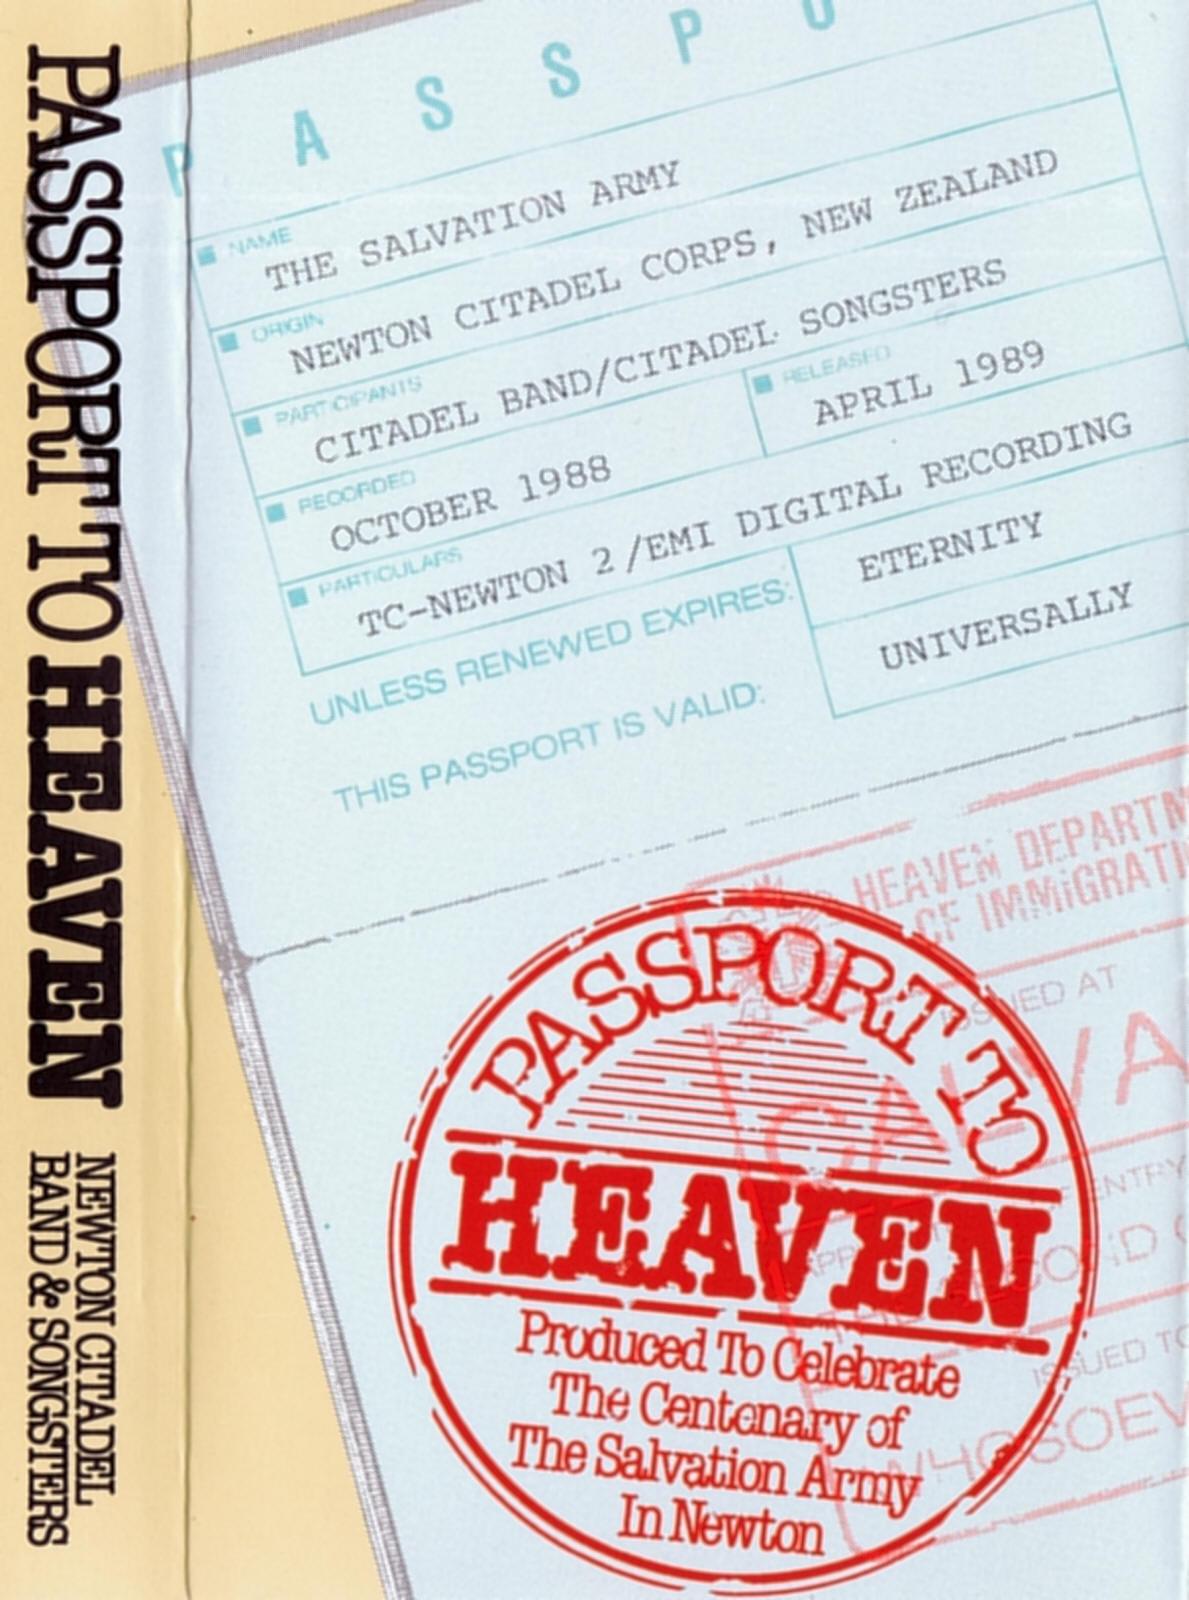 Passport to heaven (salvation)